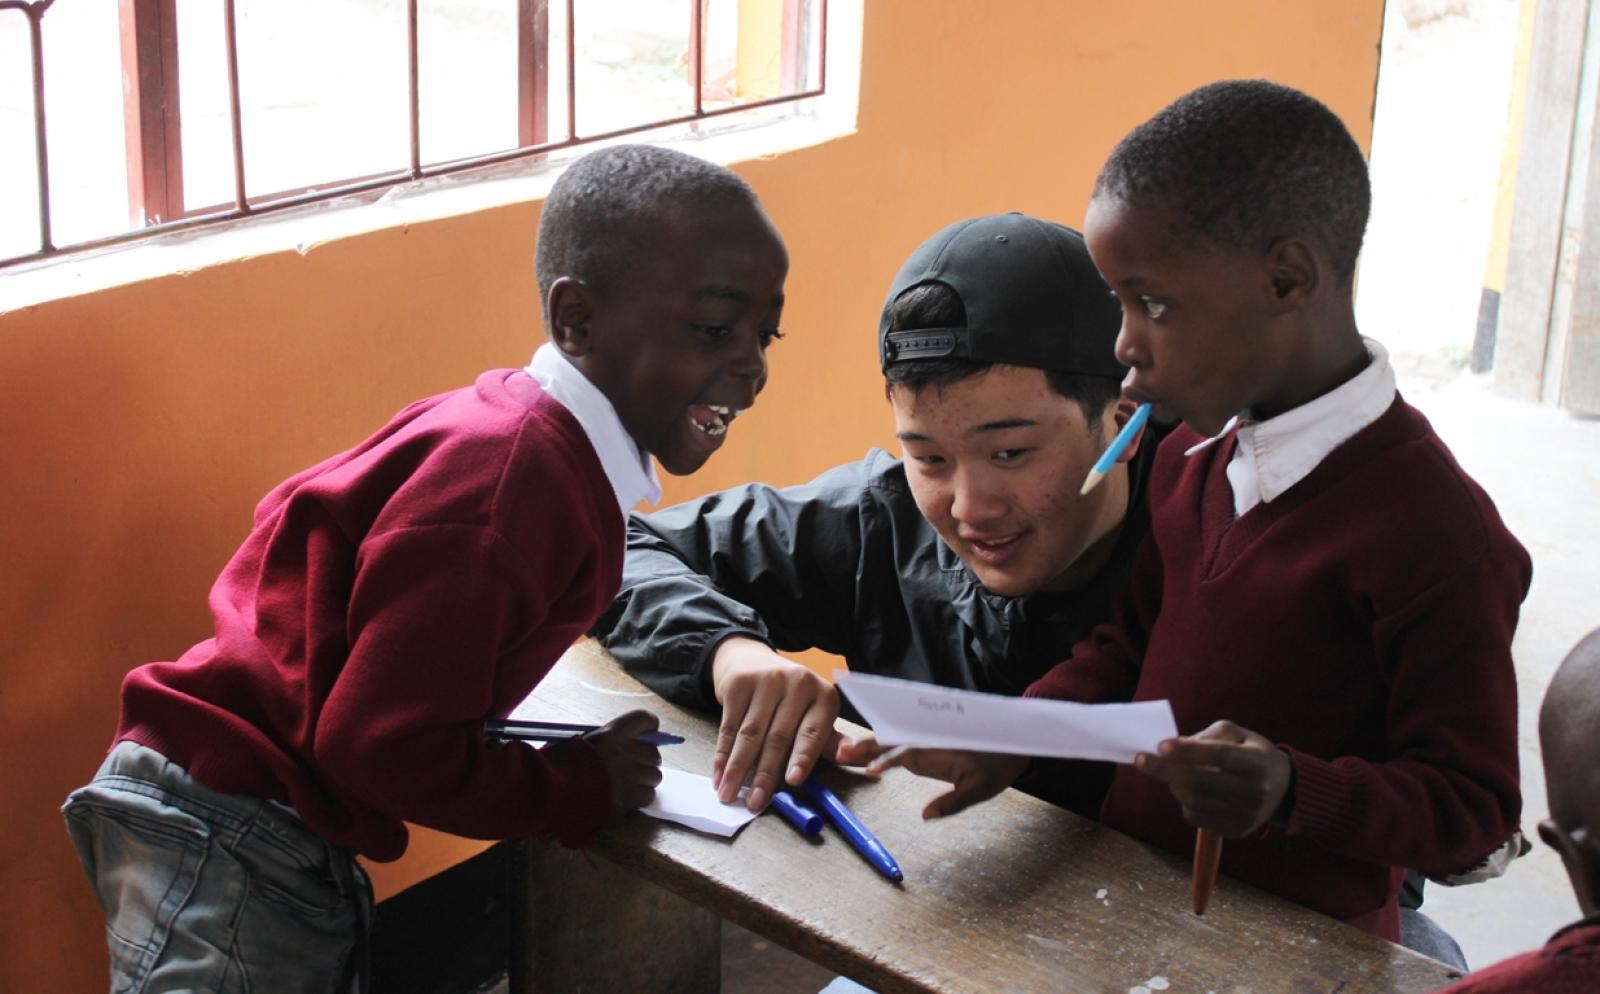 タンザニアで子供たちの学習をサポートする日本人高校生ボランティア